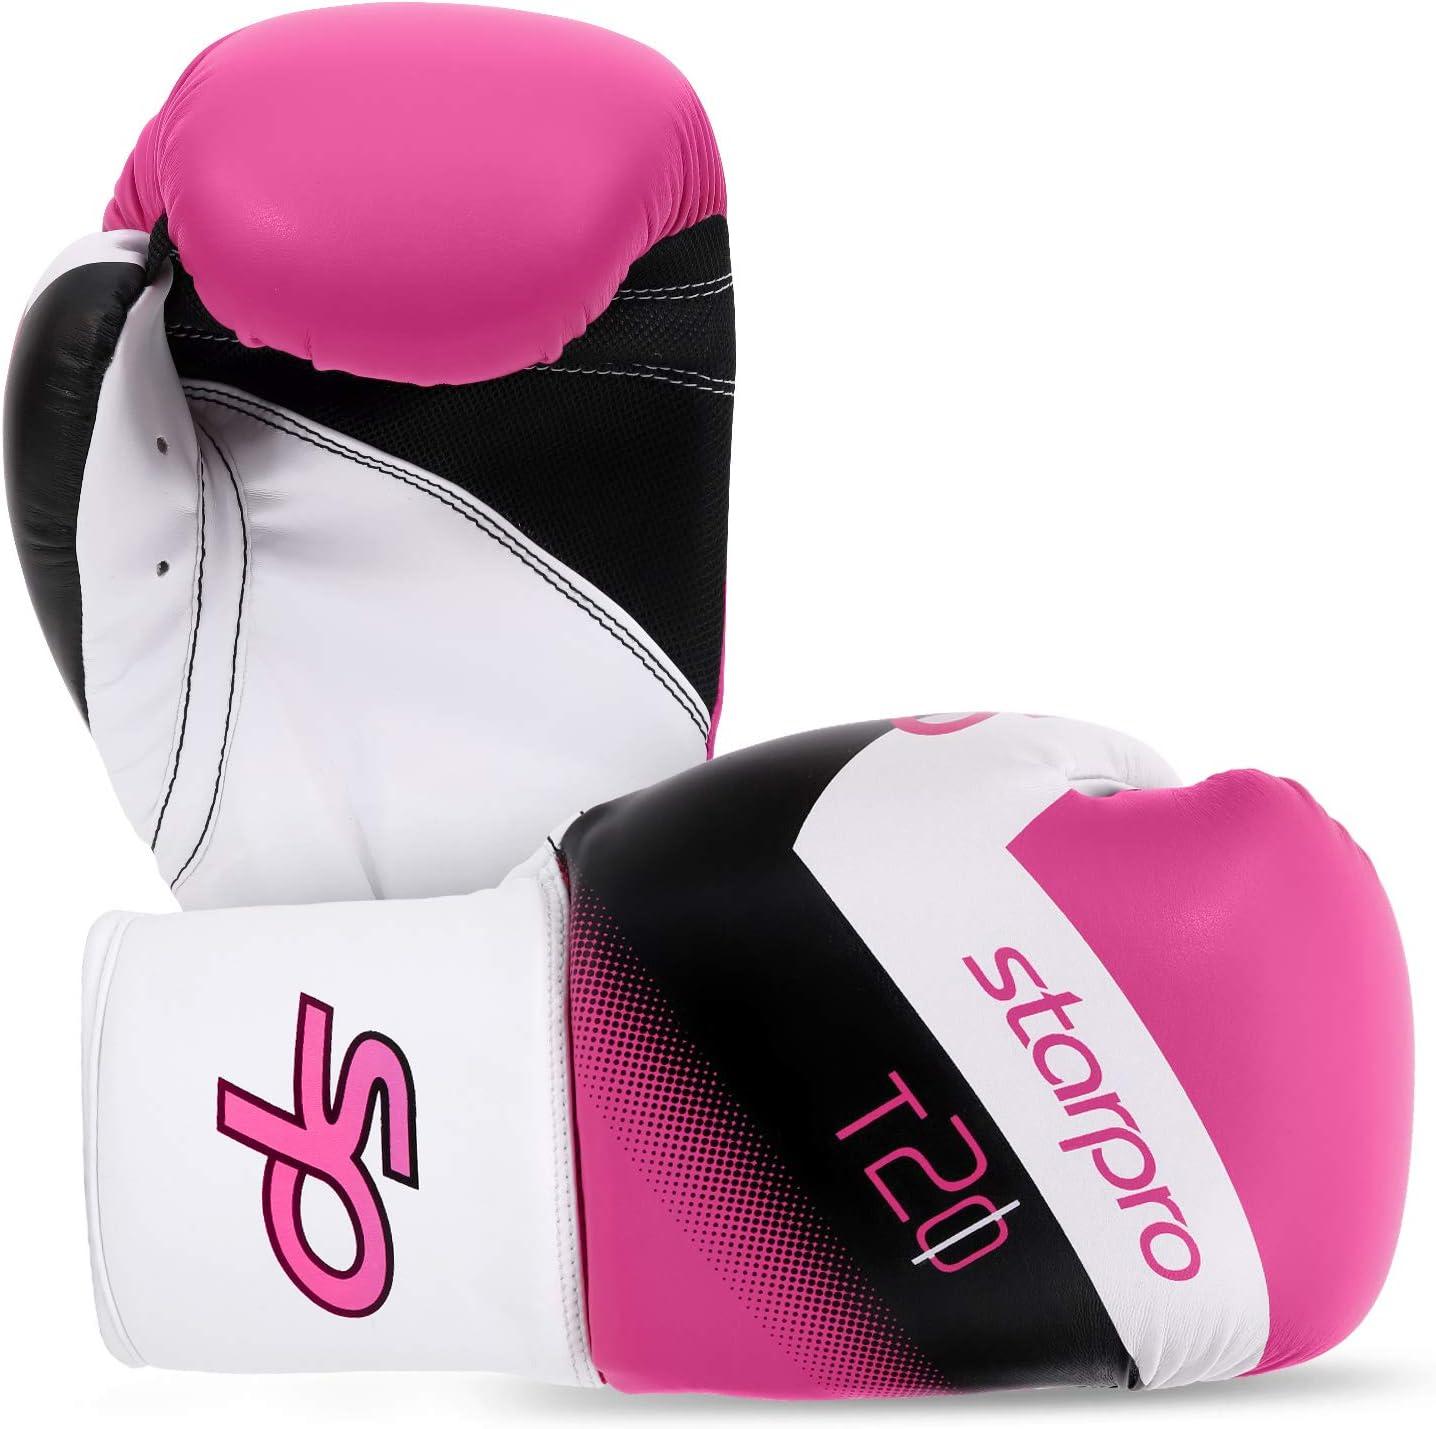 Starpro Gants de Boxe Enfant pour Entrainement 6oz et 8oz Synth/étique Cuir Gant pour Sparring Muay Thai Sac Frappe Entra/înement Mitaines Kickboxing Comp/étition